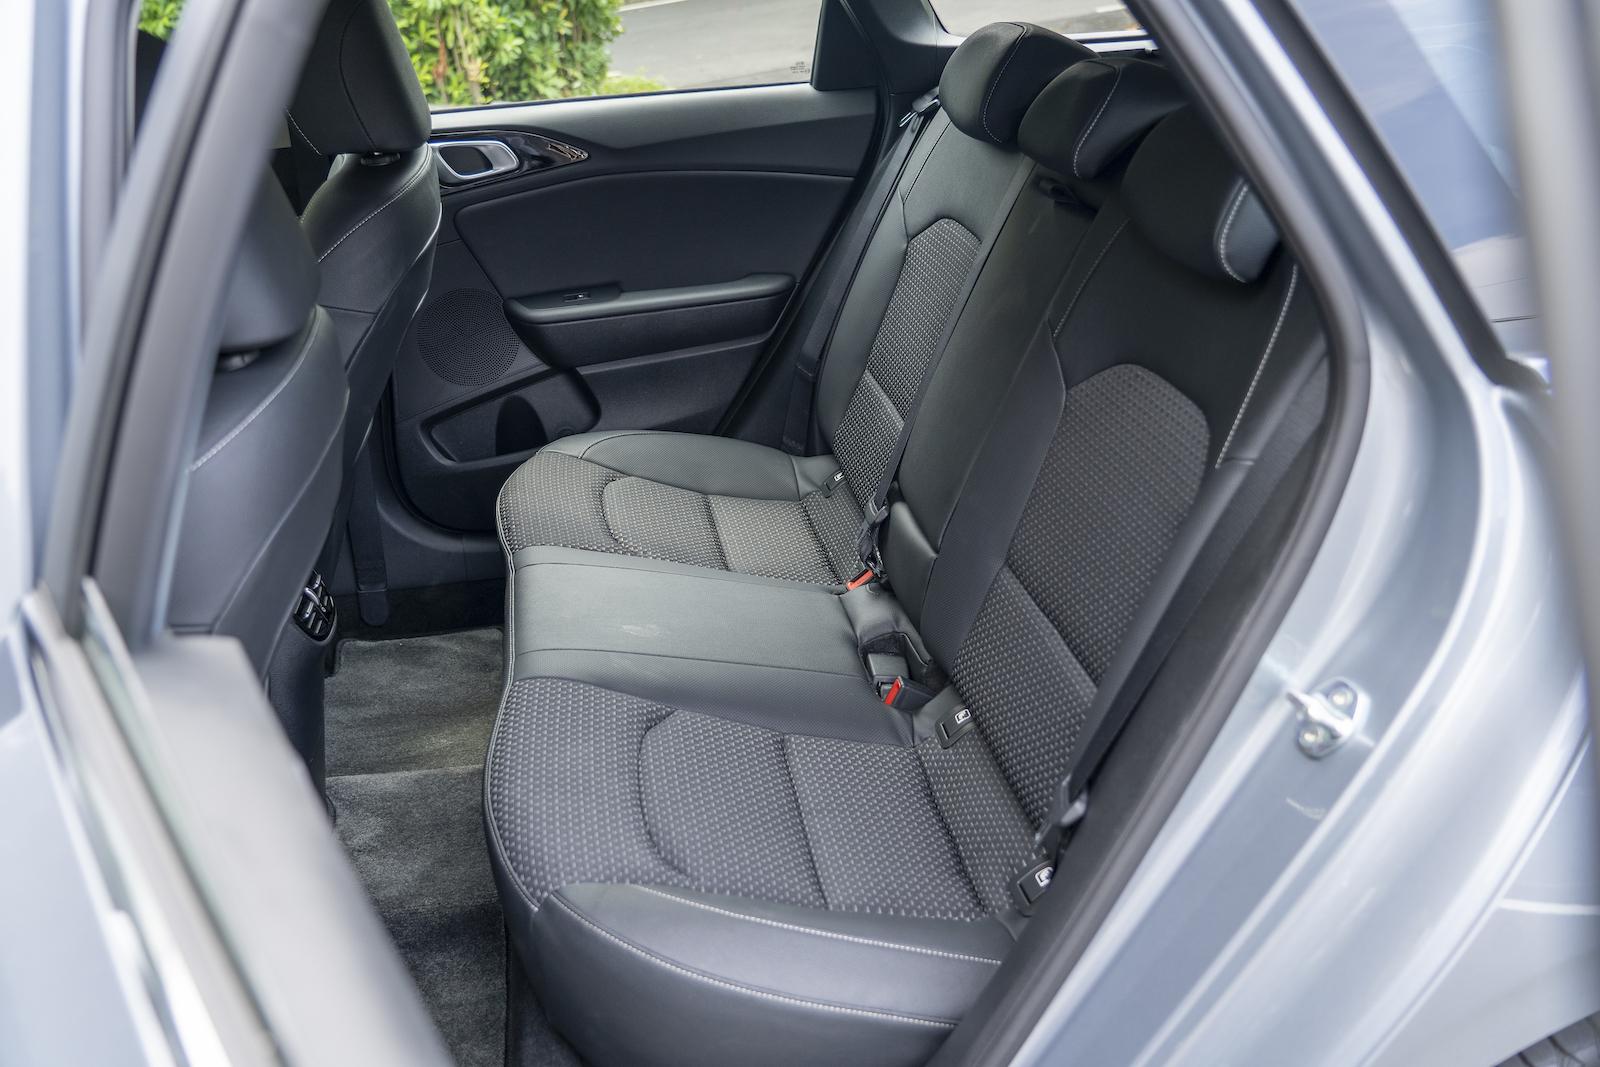 後座中央底版的鼓起體積相對小的多,這也代表著就算後座是三人滿載的狀態下,中間的乘客還是能坐得相當舒適快意。